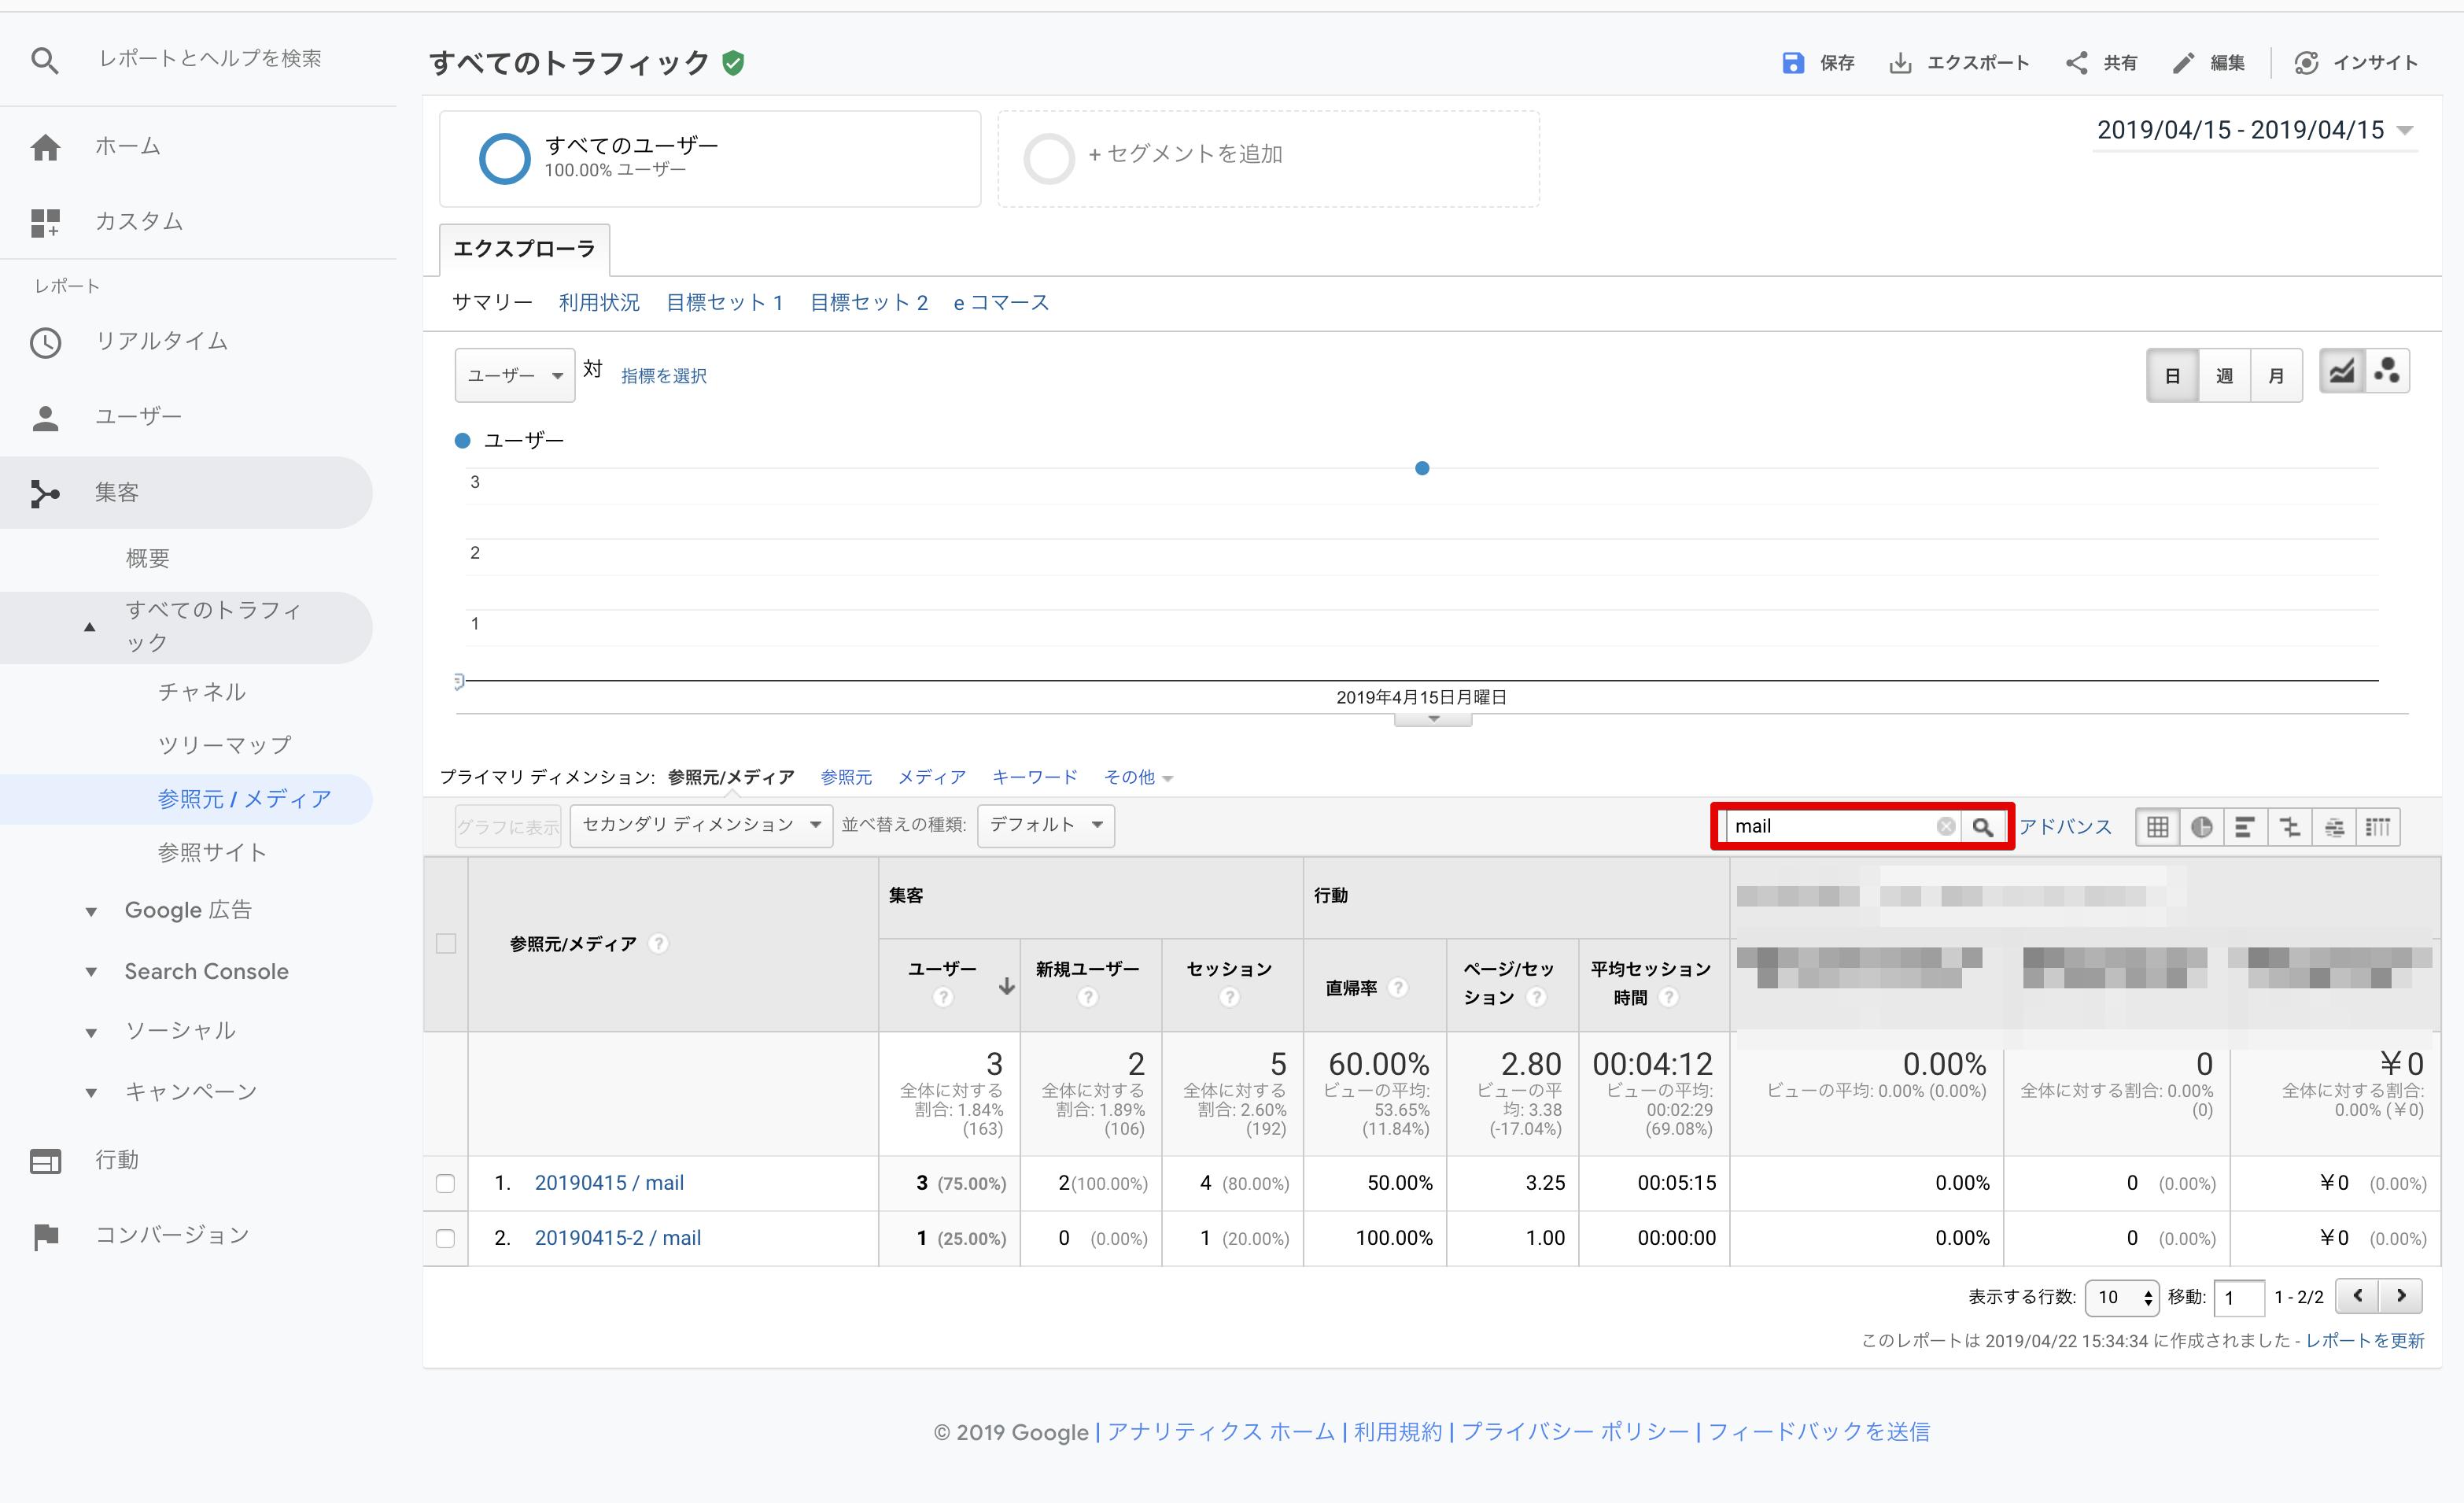 メルマガの数値に絞ってどのメルマガが効果が高いかを確認する際のGoogleアナリティクスの管理画面